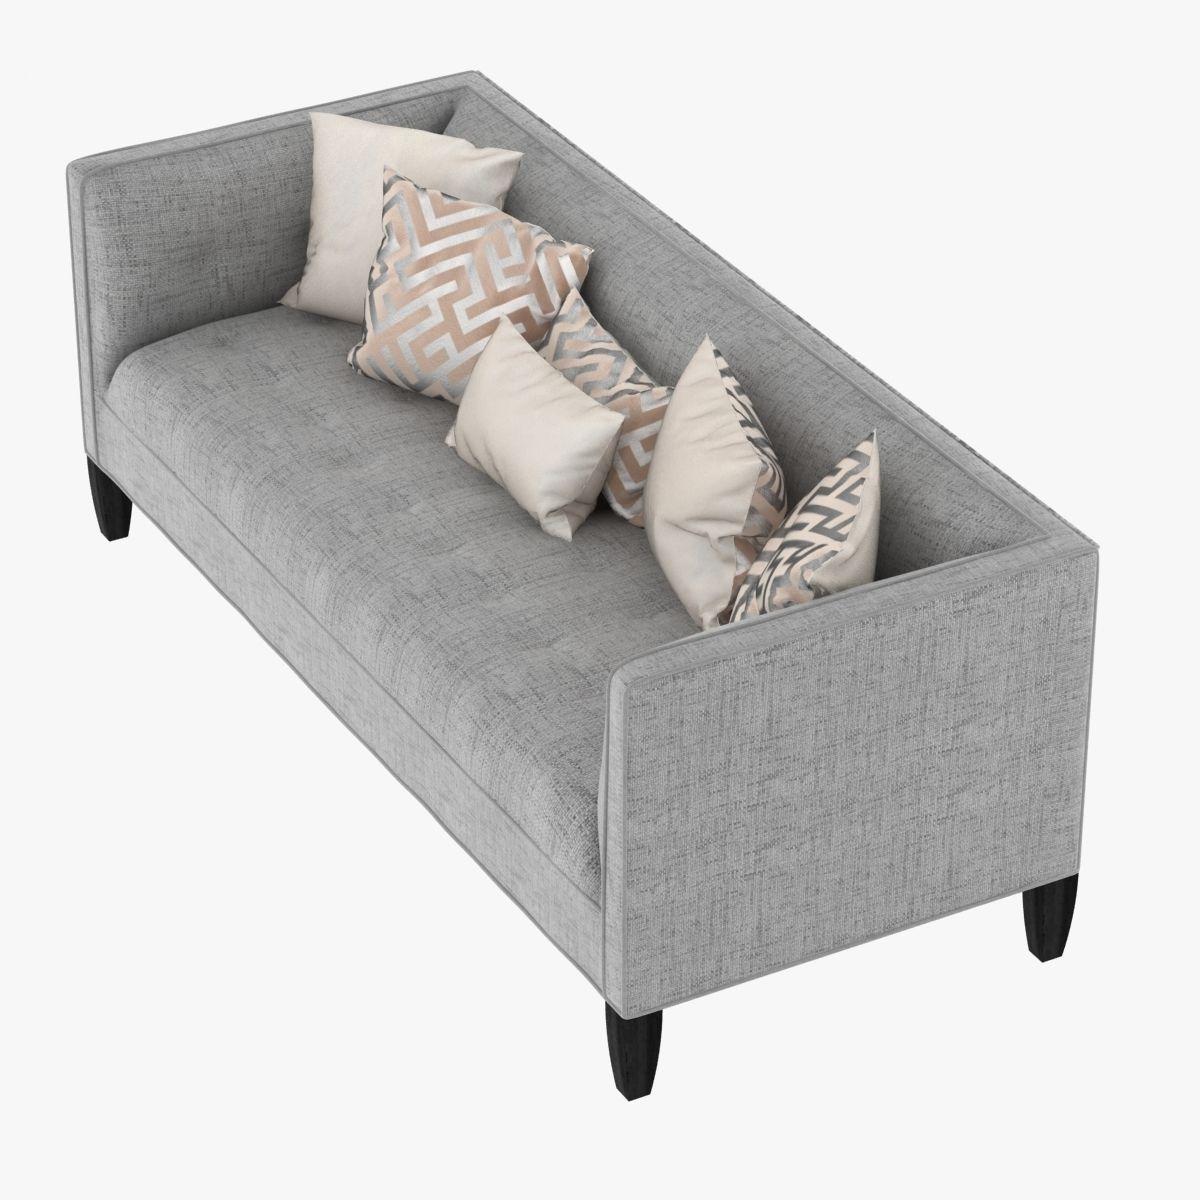 ... Mitchell Gold Bob Williams Kennedy Sofa 3d Model Max Obj 3ds Fbx Mtl ...